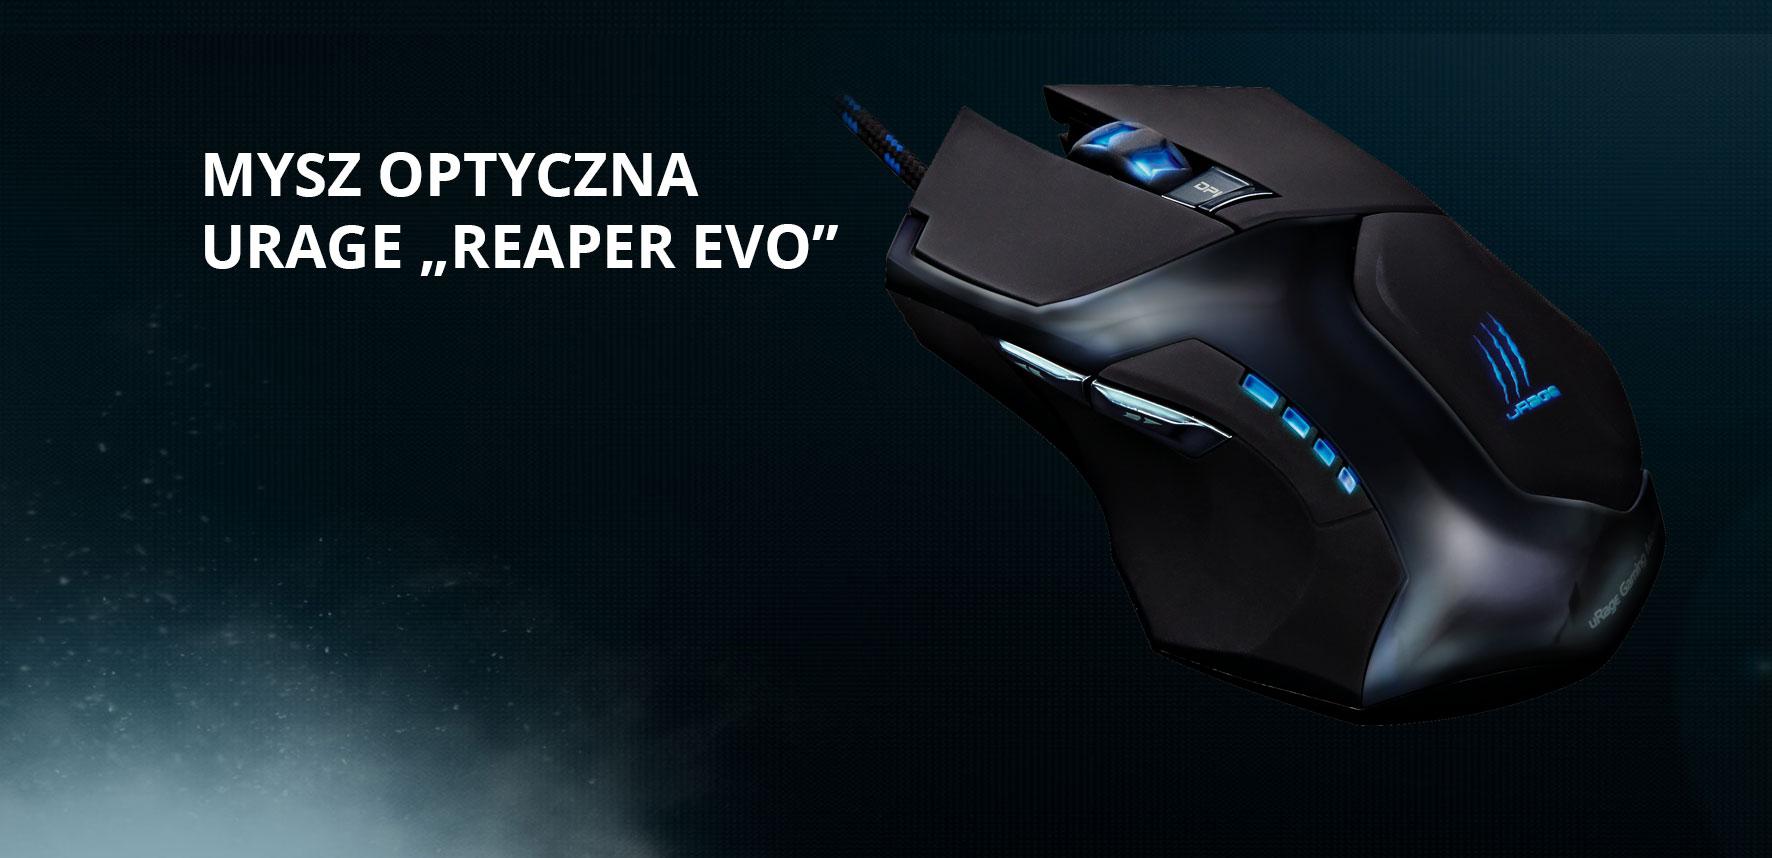 Hama uRage Reaper evo - dobry średniak, czy jednak dla graczy? 1